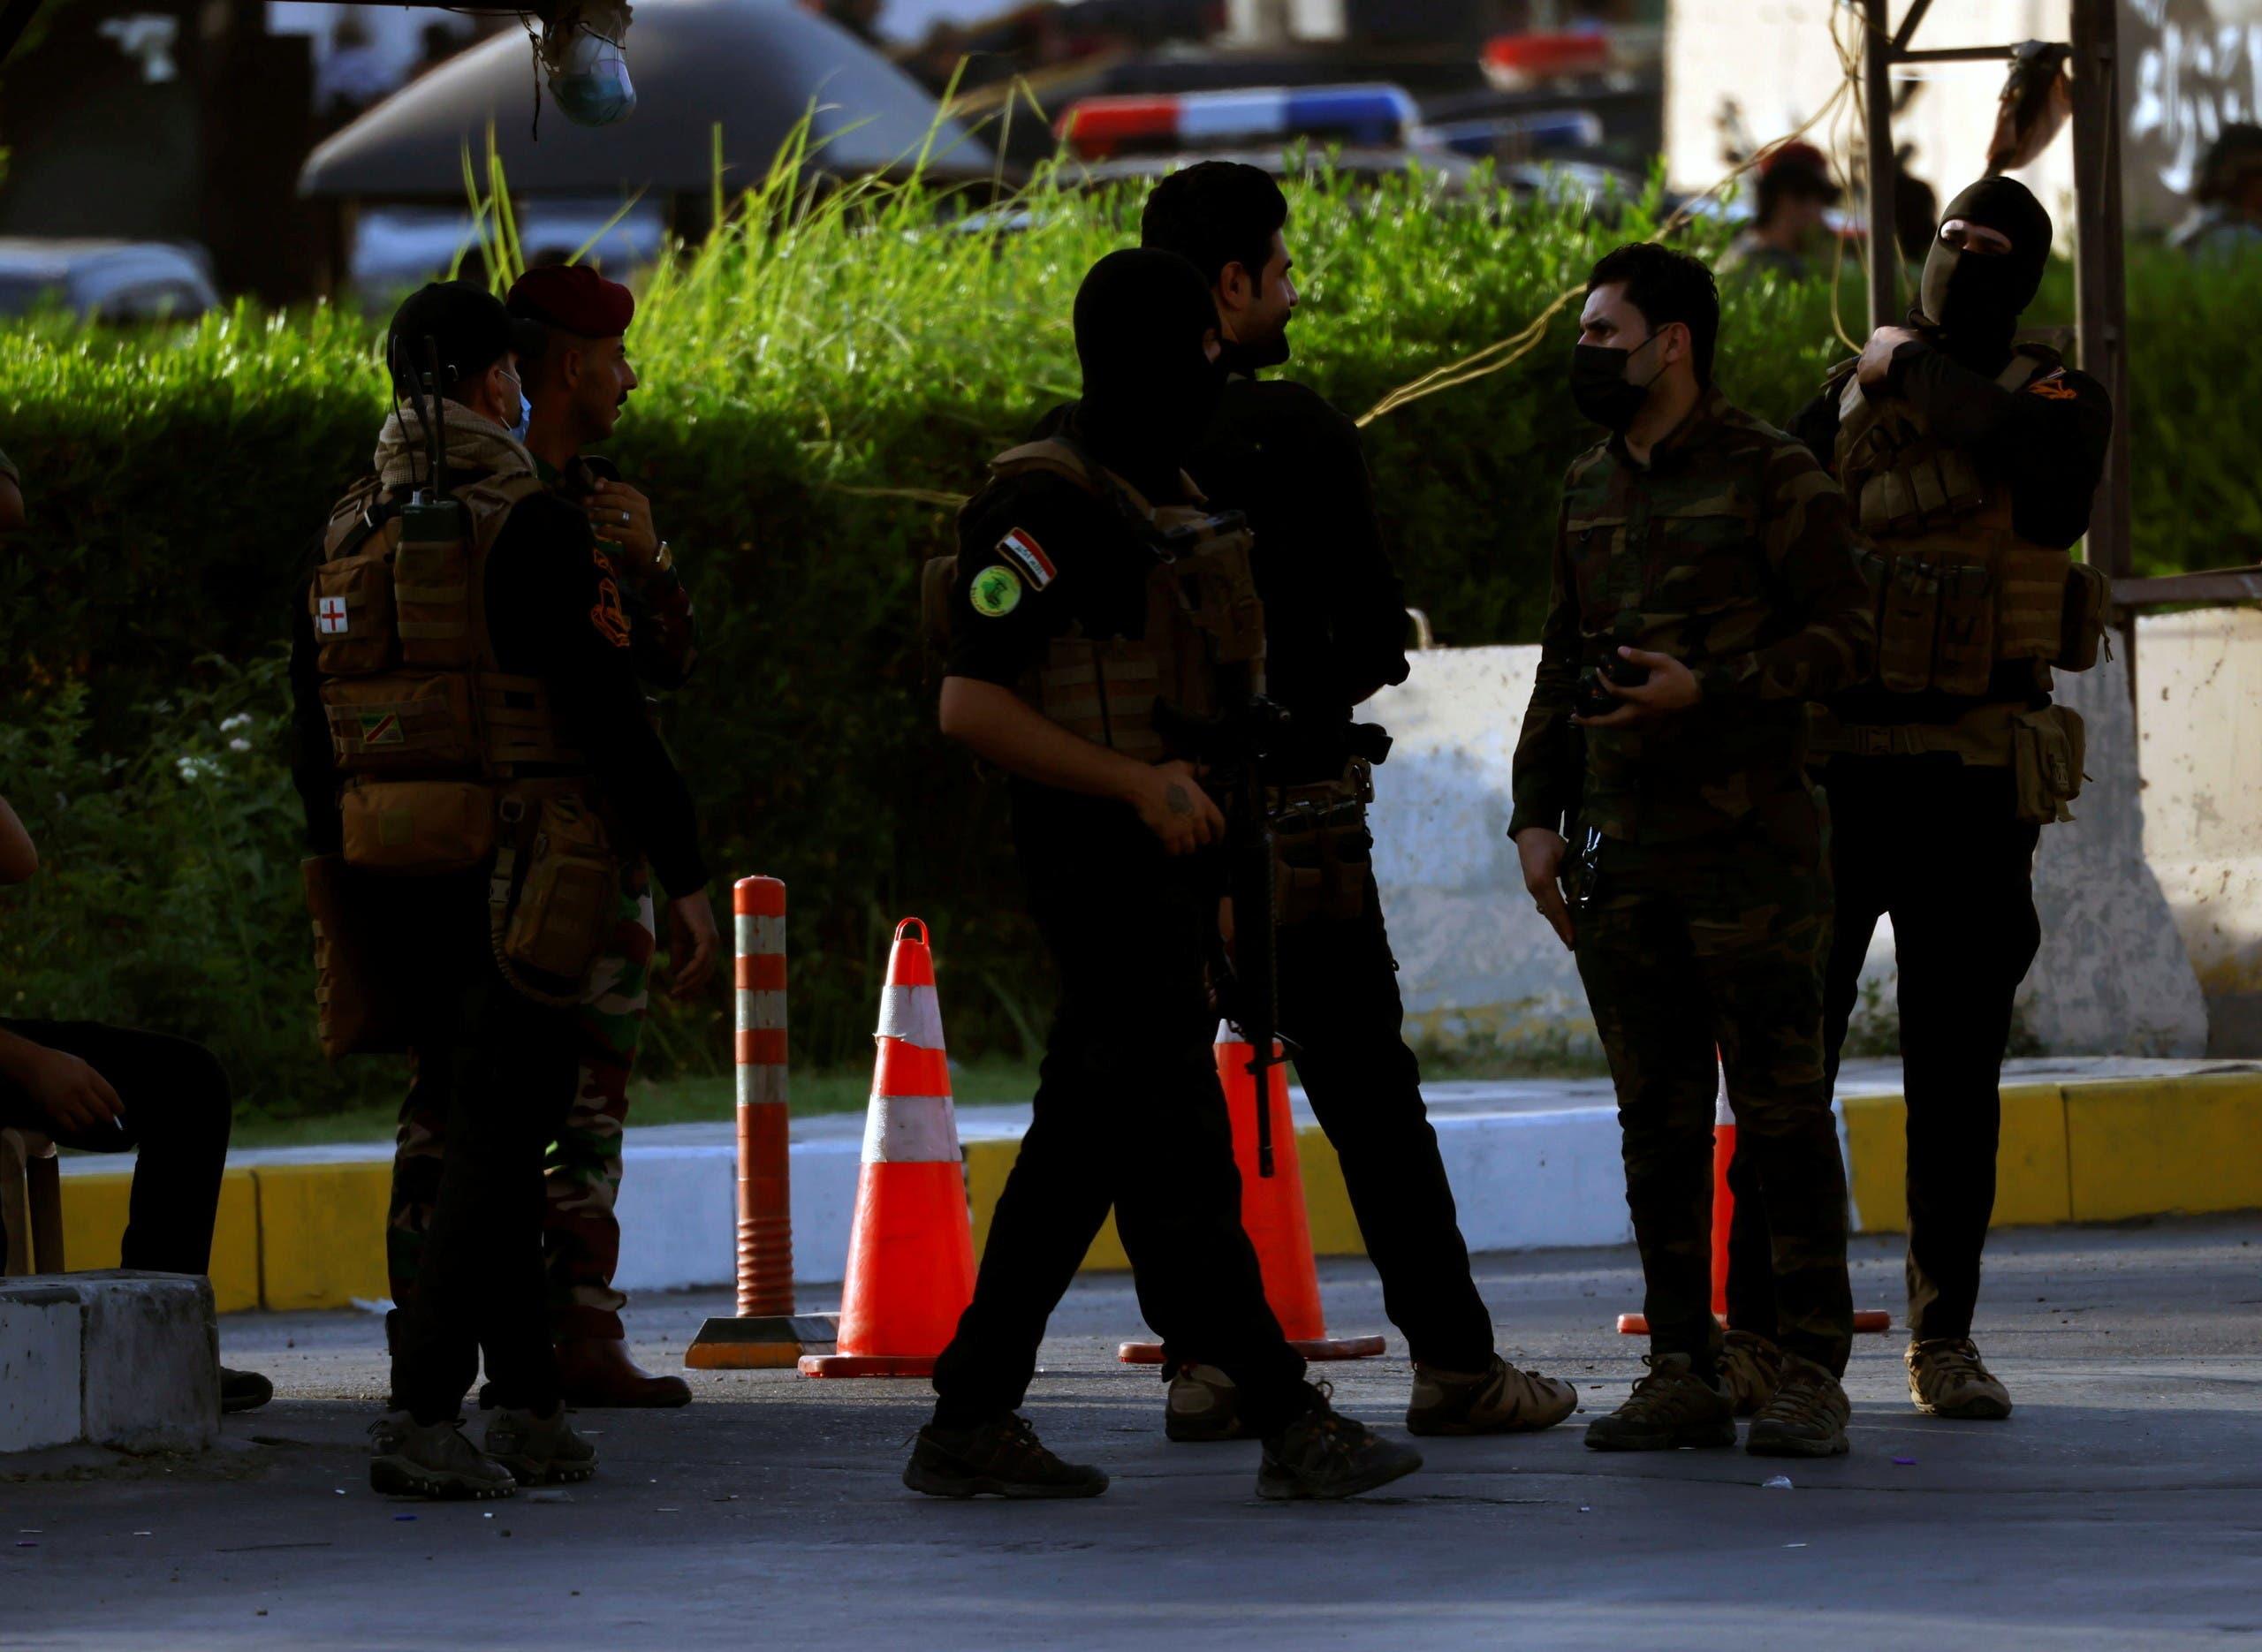 عناصر من الحشد انتشرت في محيط المنطقة الخضراء ببغداد في مايو الماضي